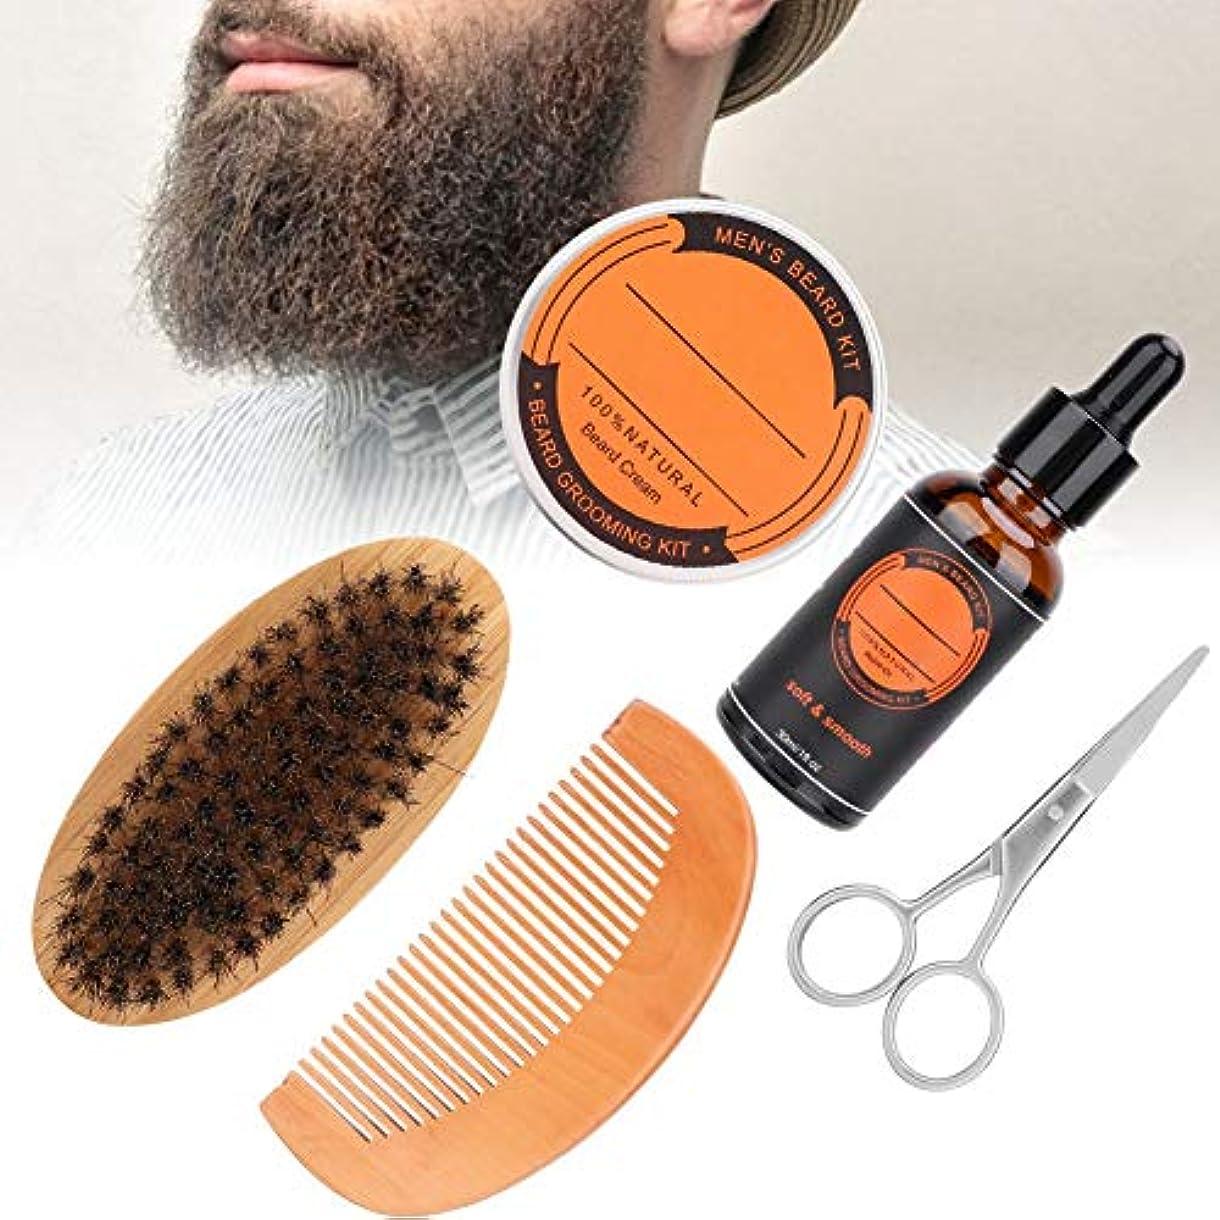 デッドロック弁護人フィドル6本のひげの心配のセット、ひげの手入れをするキット、人のひげの心配のキット、人のひげの心配のキットとの最終的なひげの心配のキット香油+髭オイル+櫛+ブラシ+はさみ